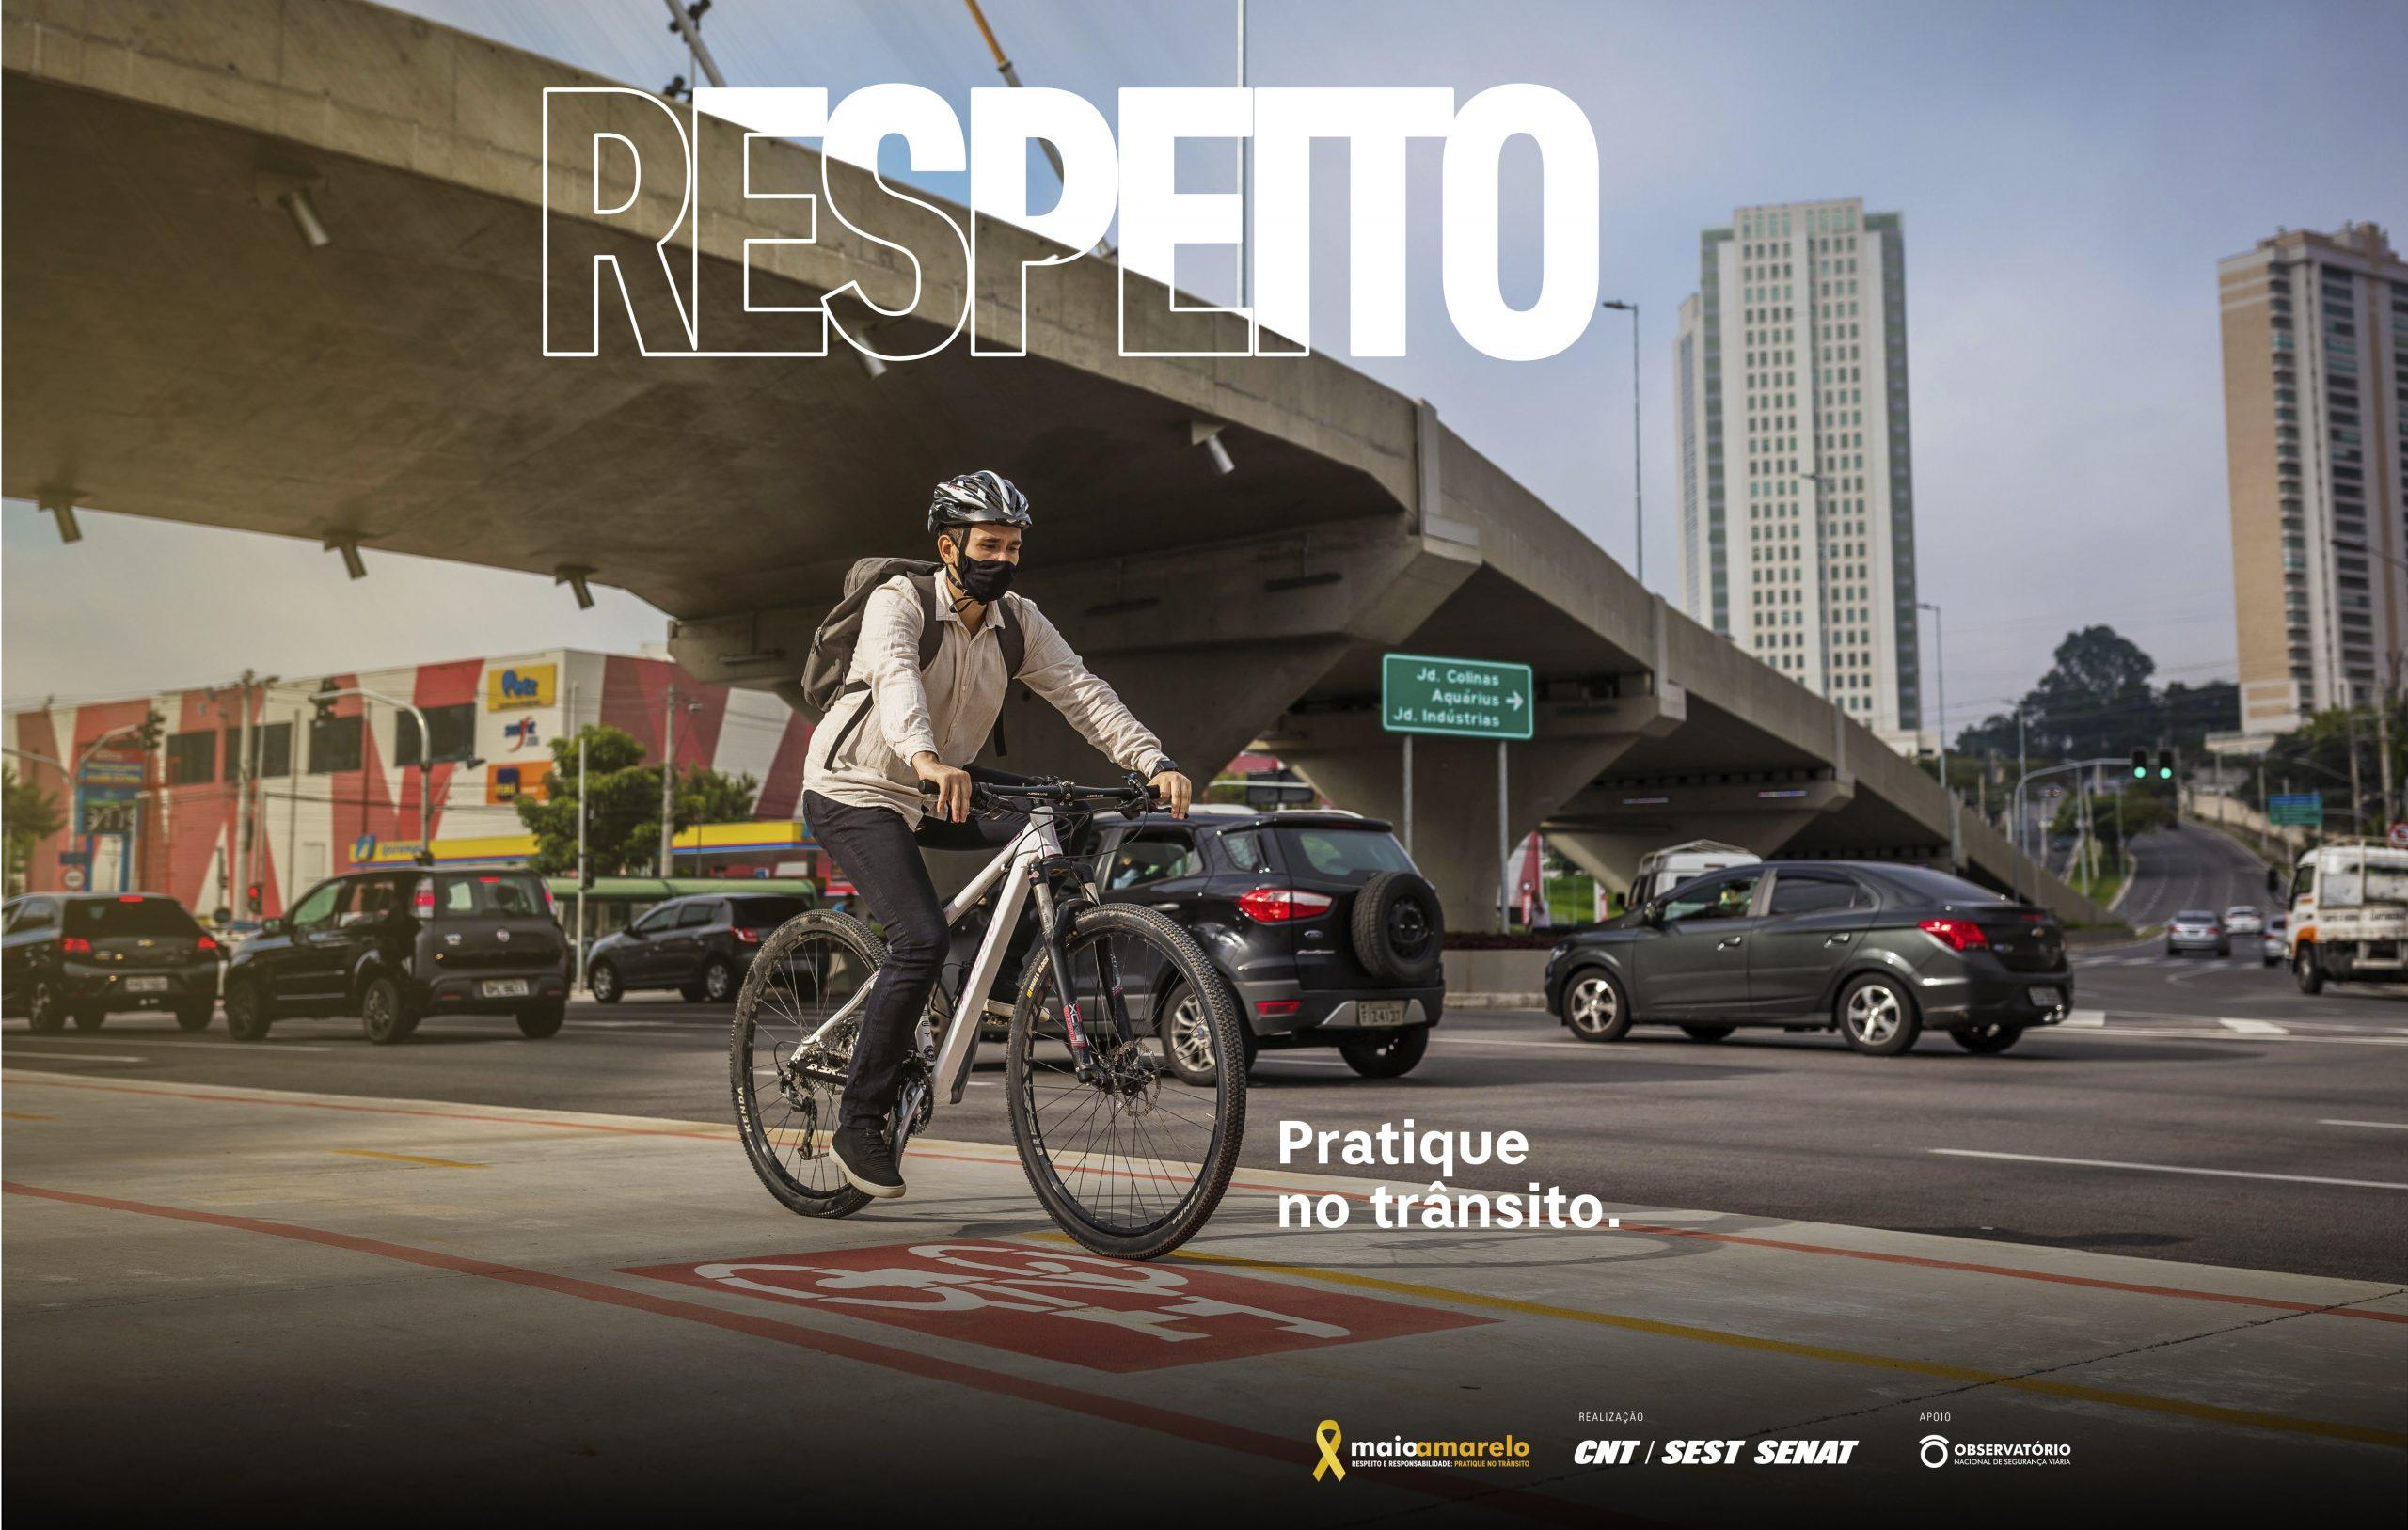 ciclista de capacete pedala em ciclovia com transito em segundo plano